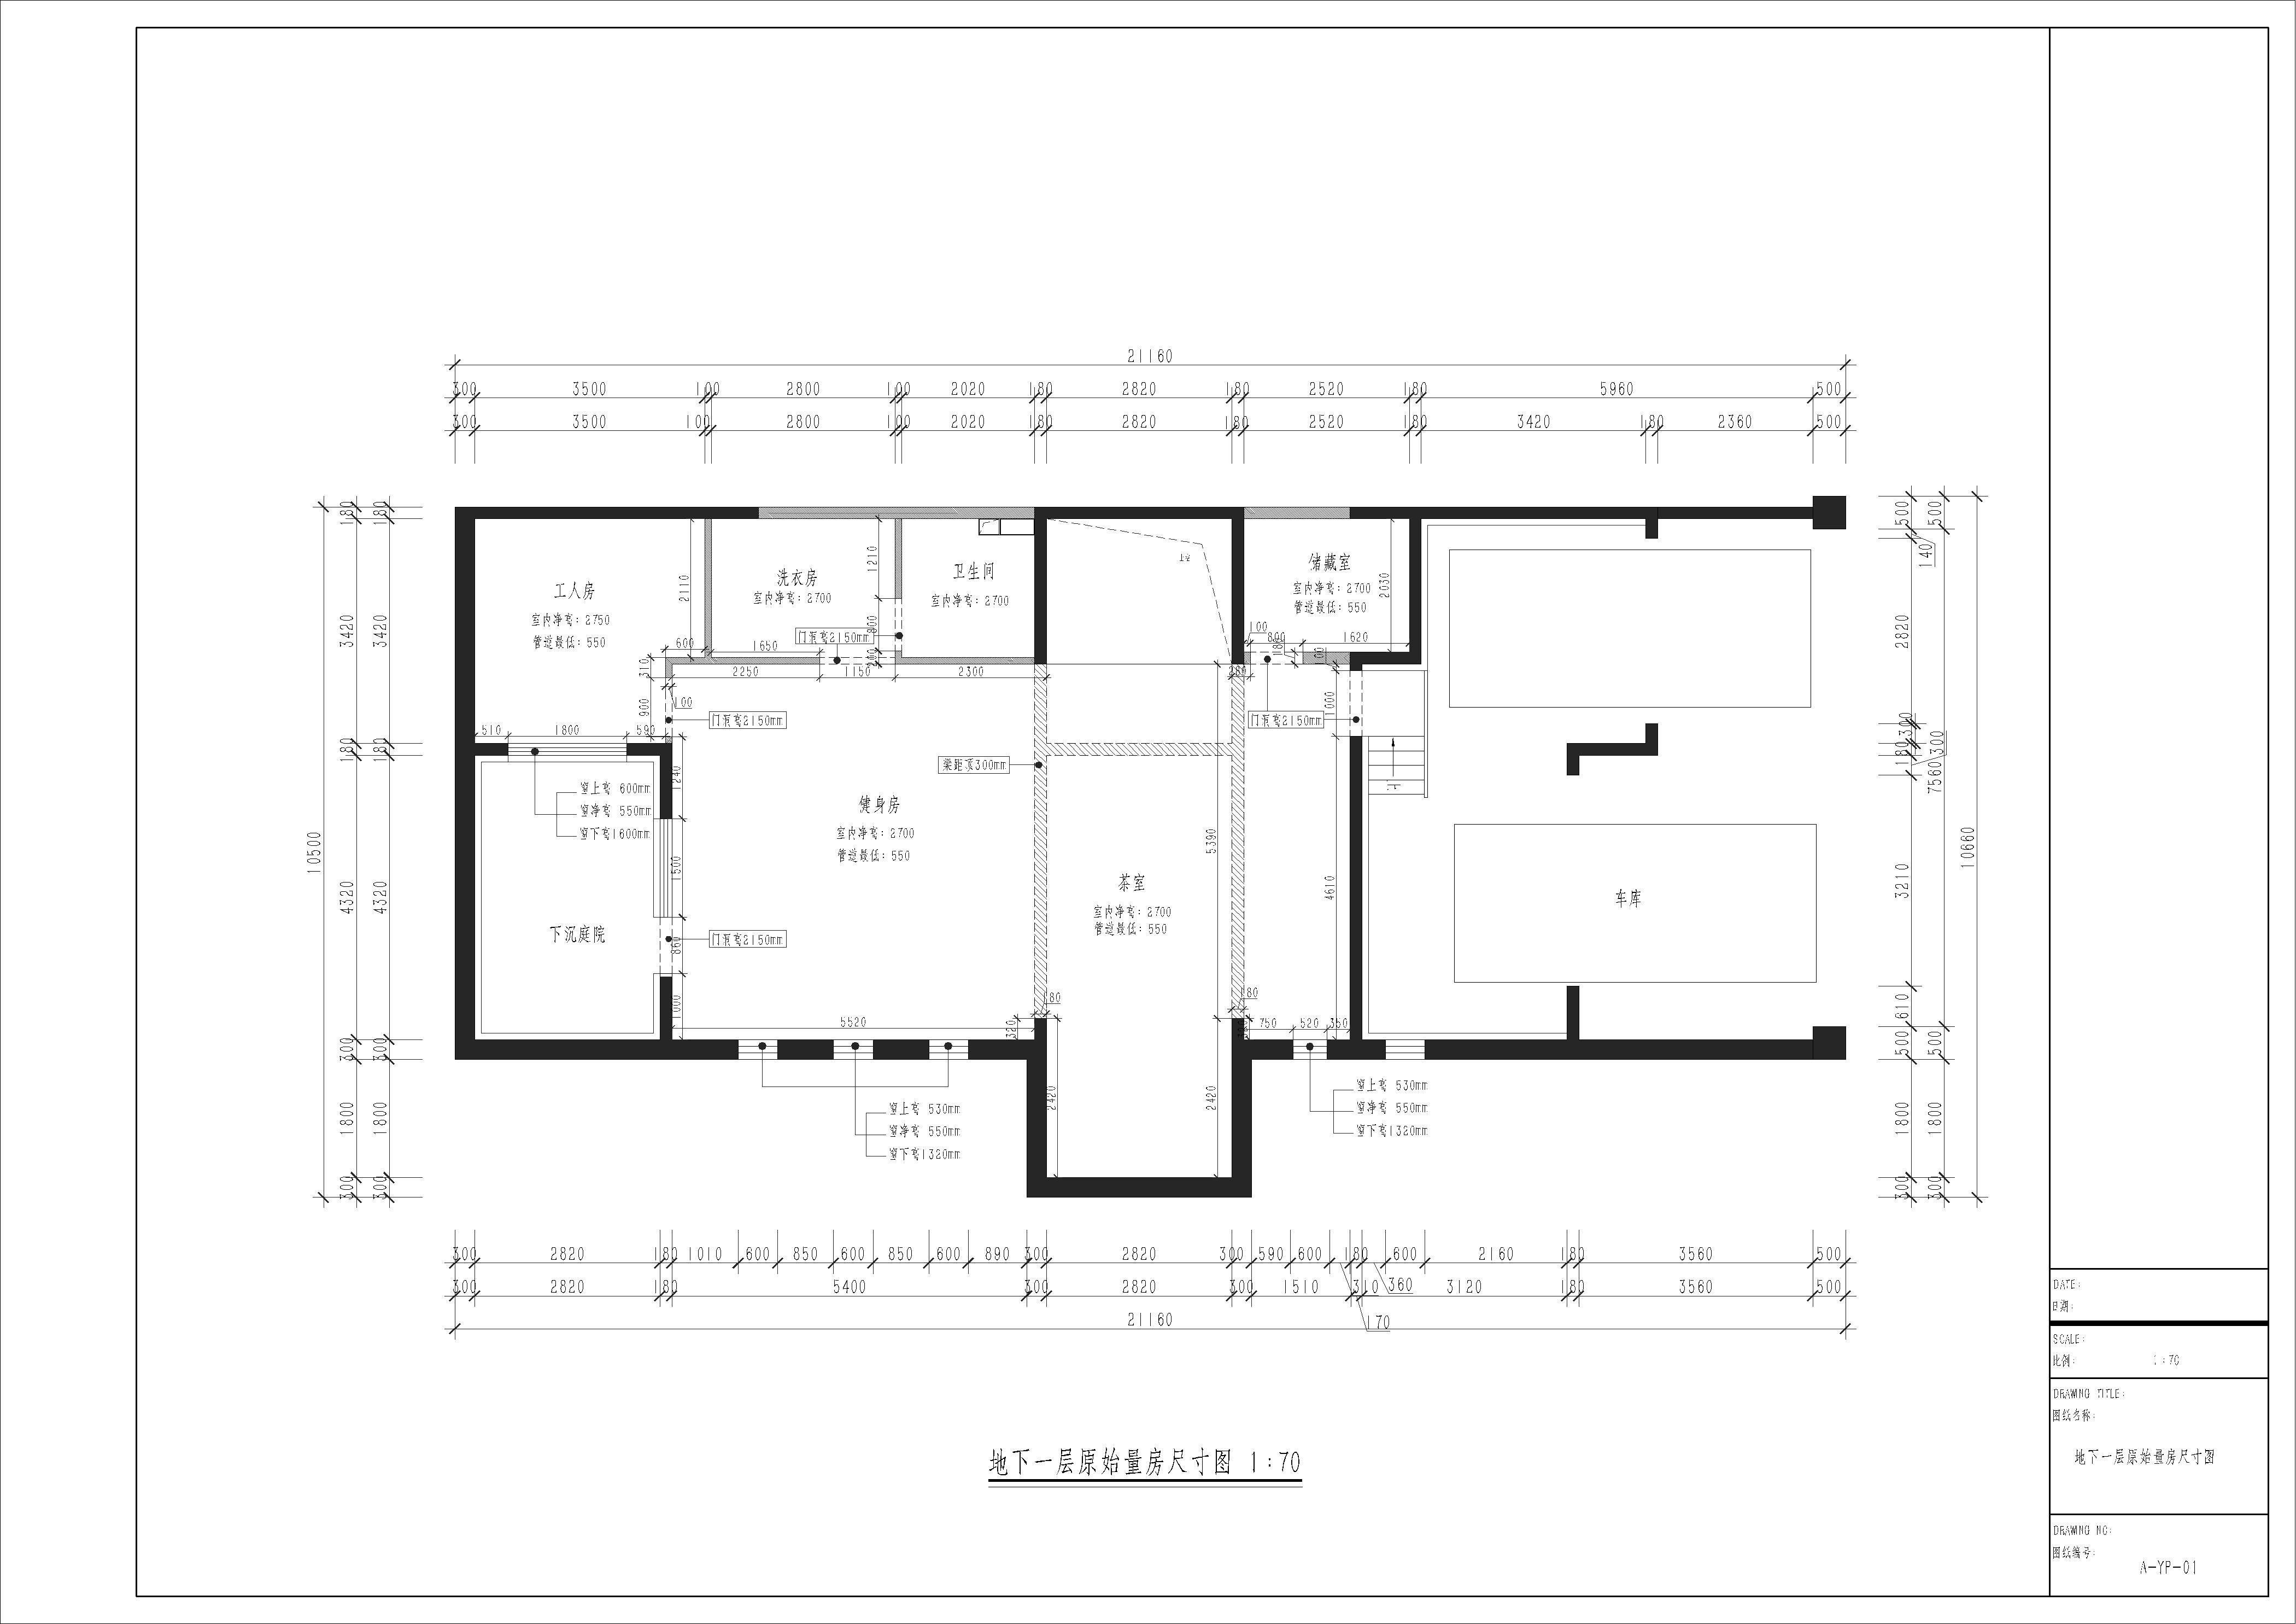 枫丹壹号 简欧风格 450平米装修设计理念